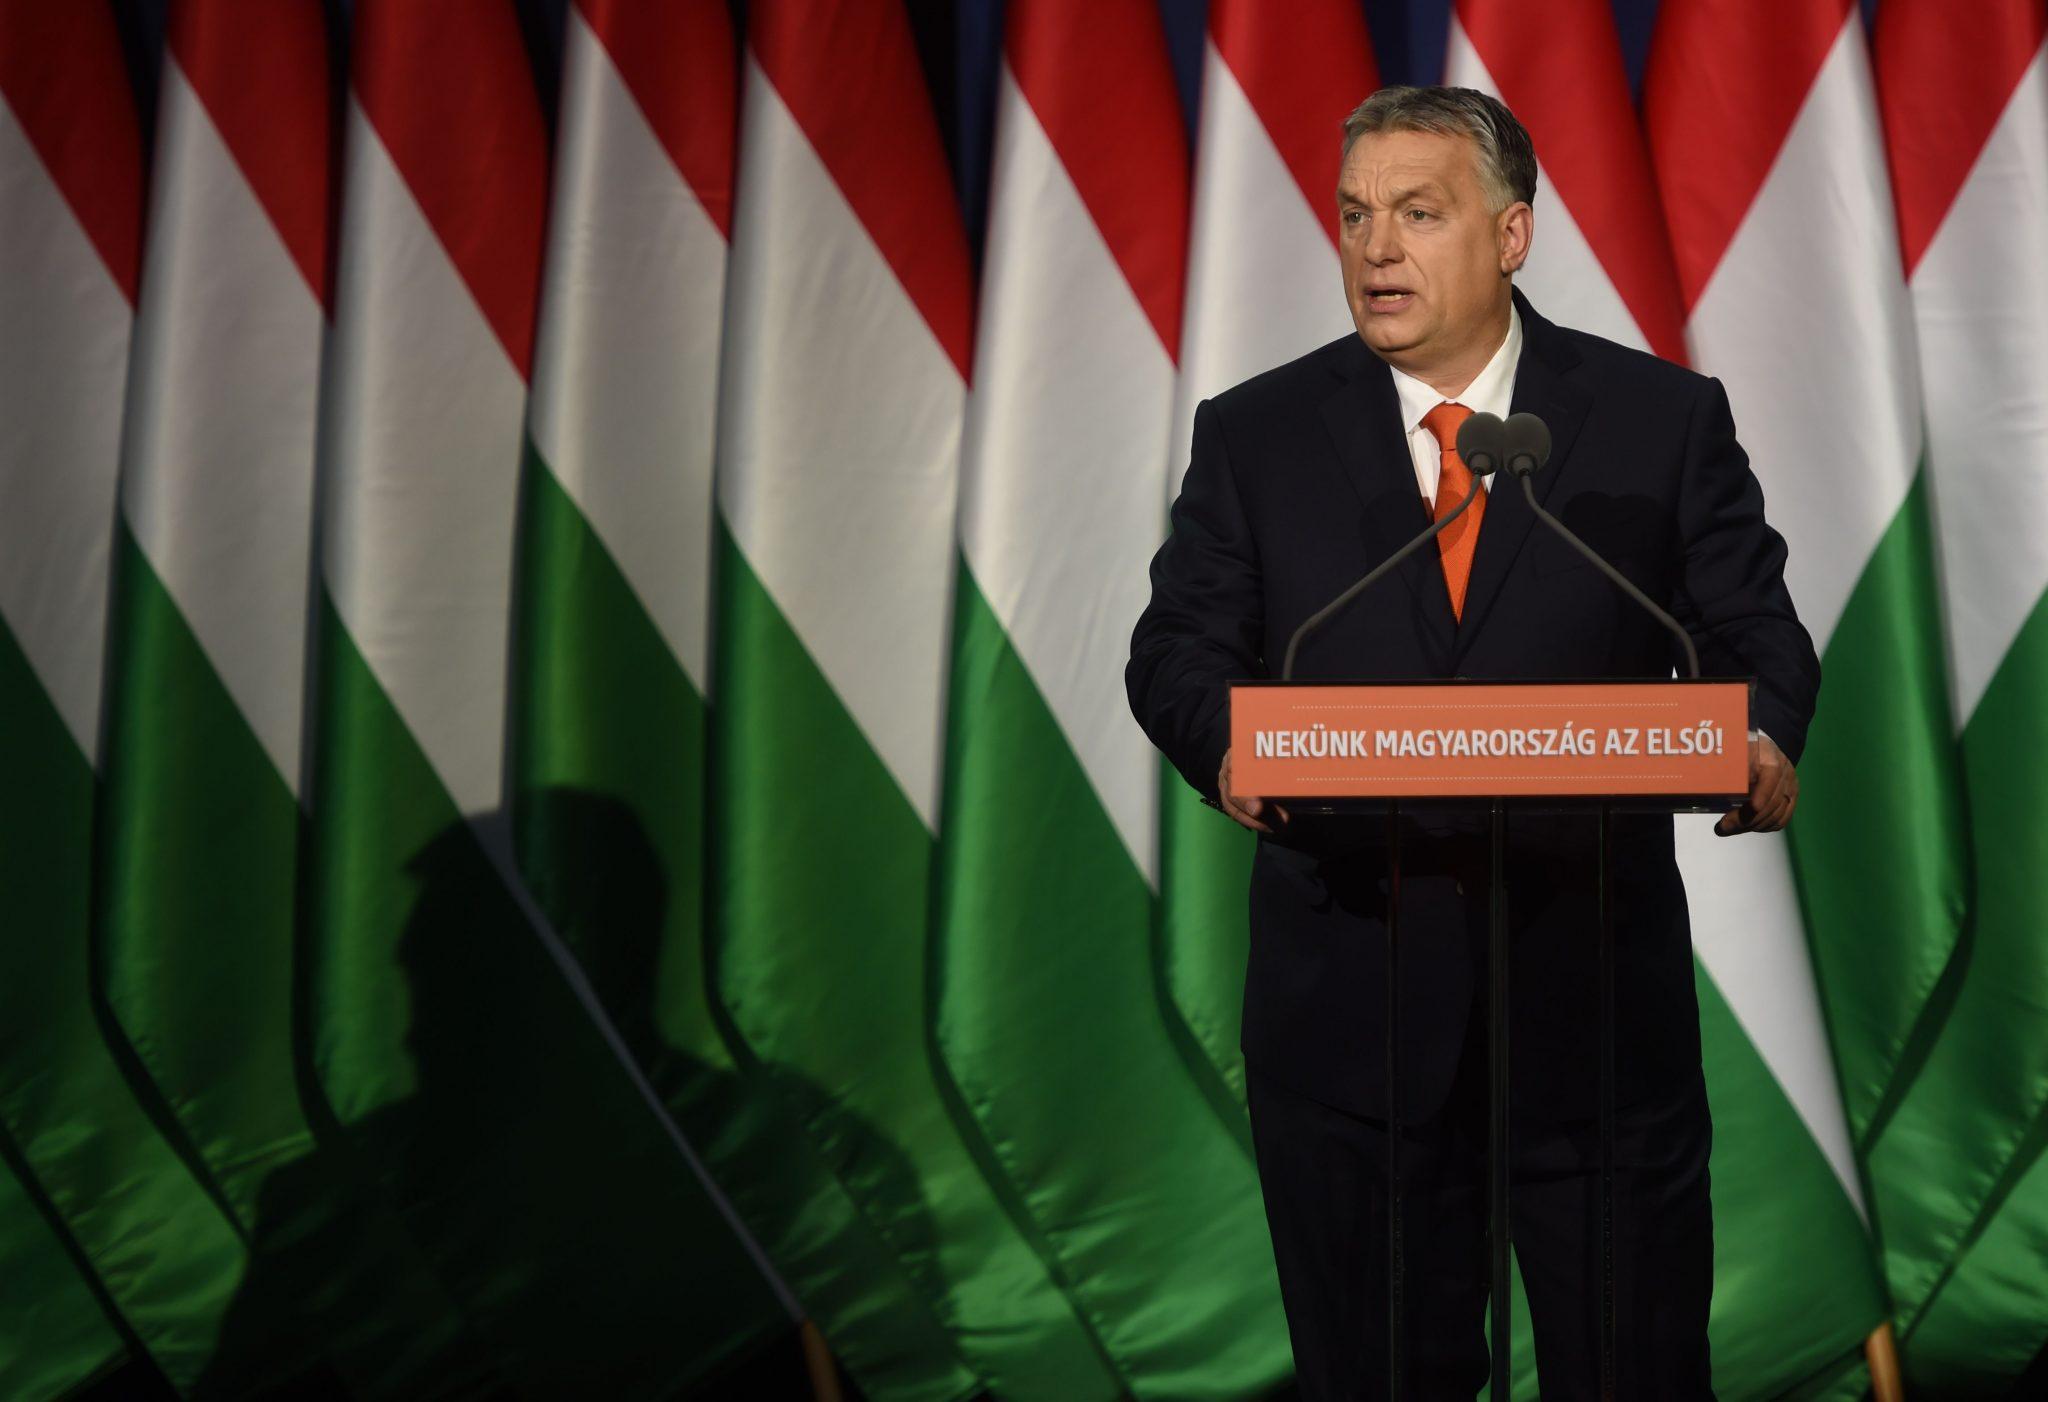 Alegeri parlamentare în Ungaria | Victorie pentru partidul lui Viktor Orban